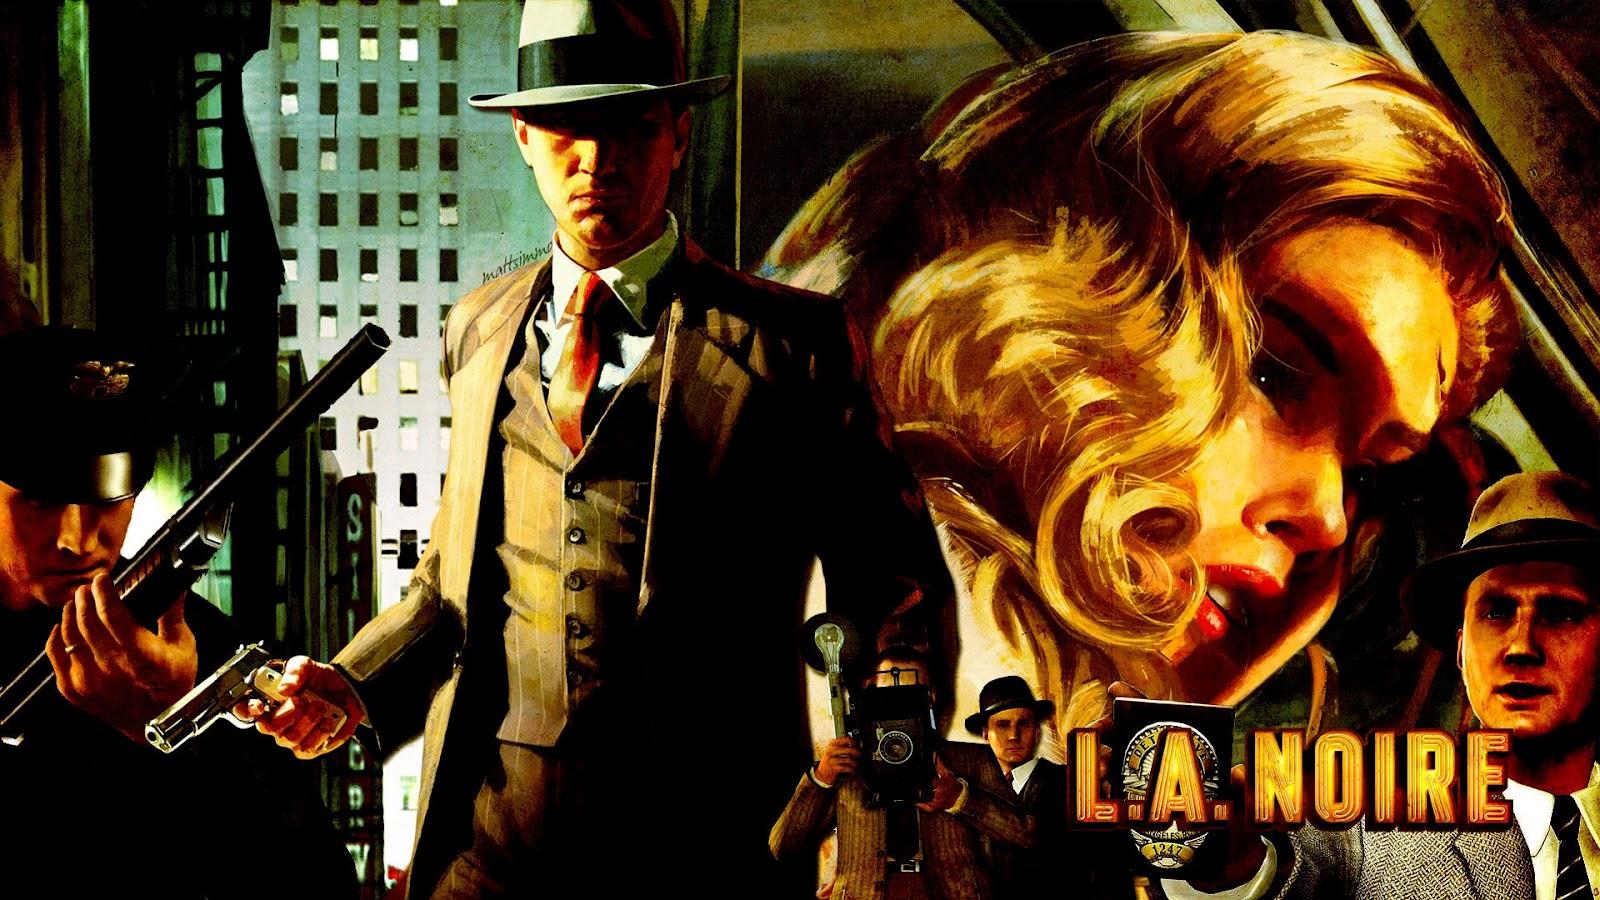 http://4.bp.blogspot.com/-OhhZWmZGT5I/UBc80dNssaI/AAAAAAAAIHA/wFvkGAPNSog/s1600/LA-Noire-Widescreen-Wallpaper.jpg